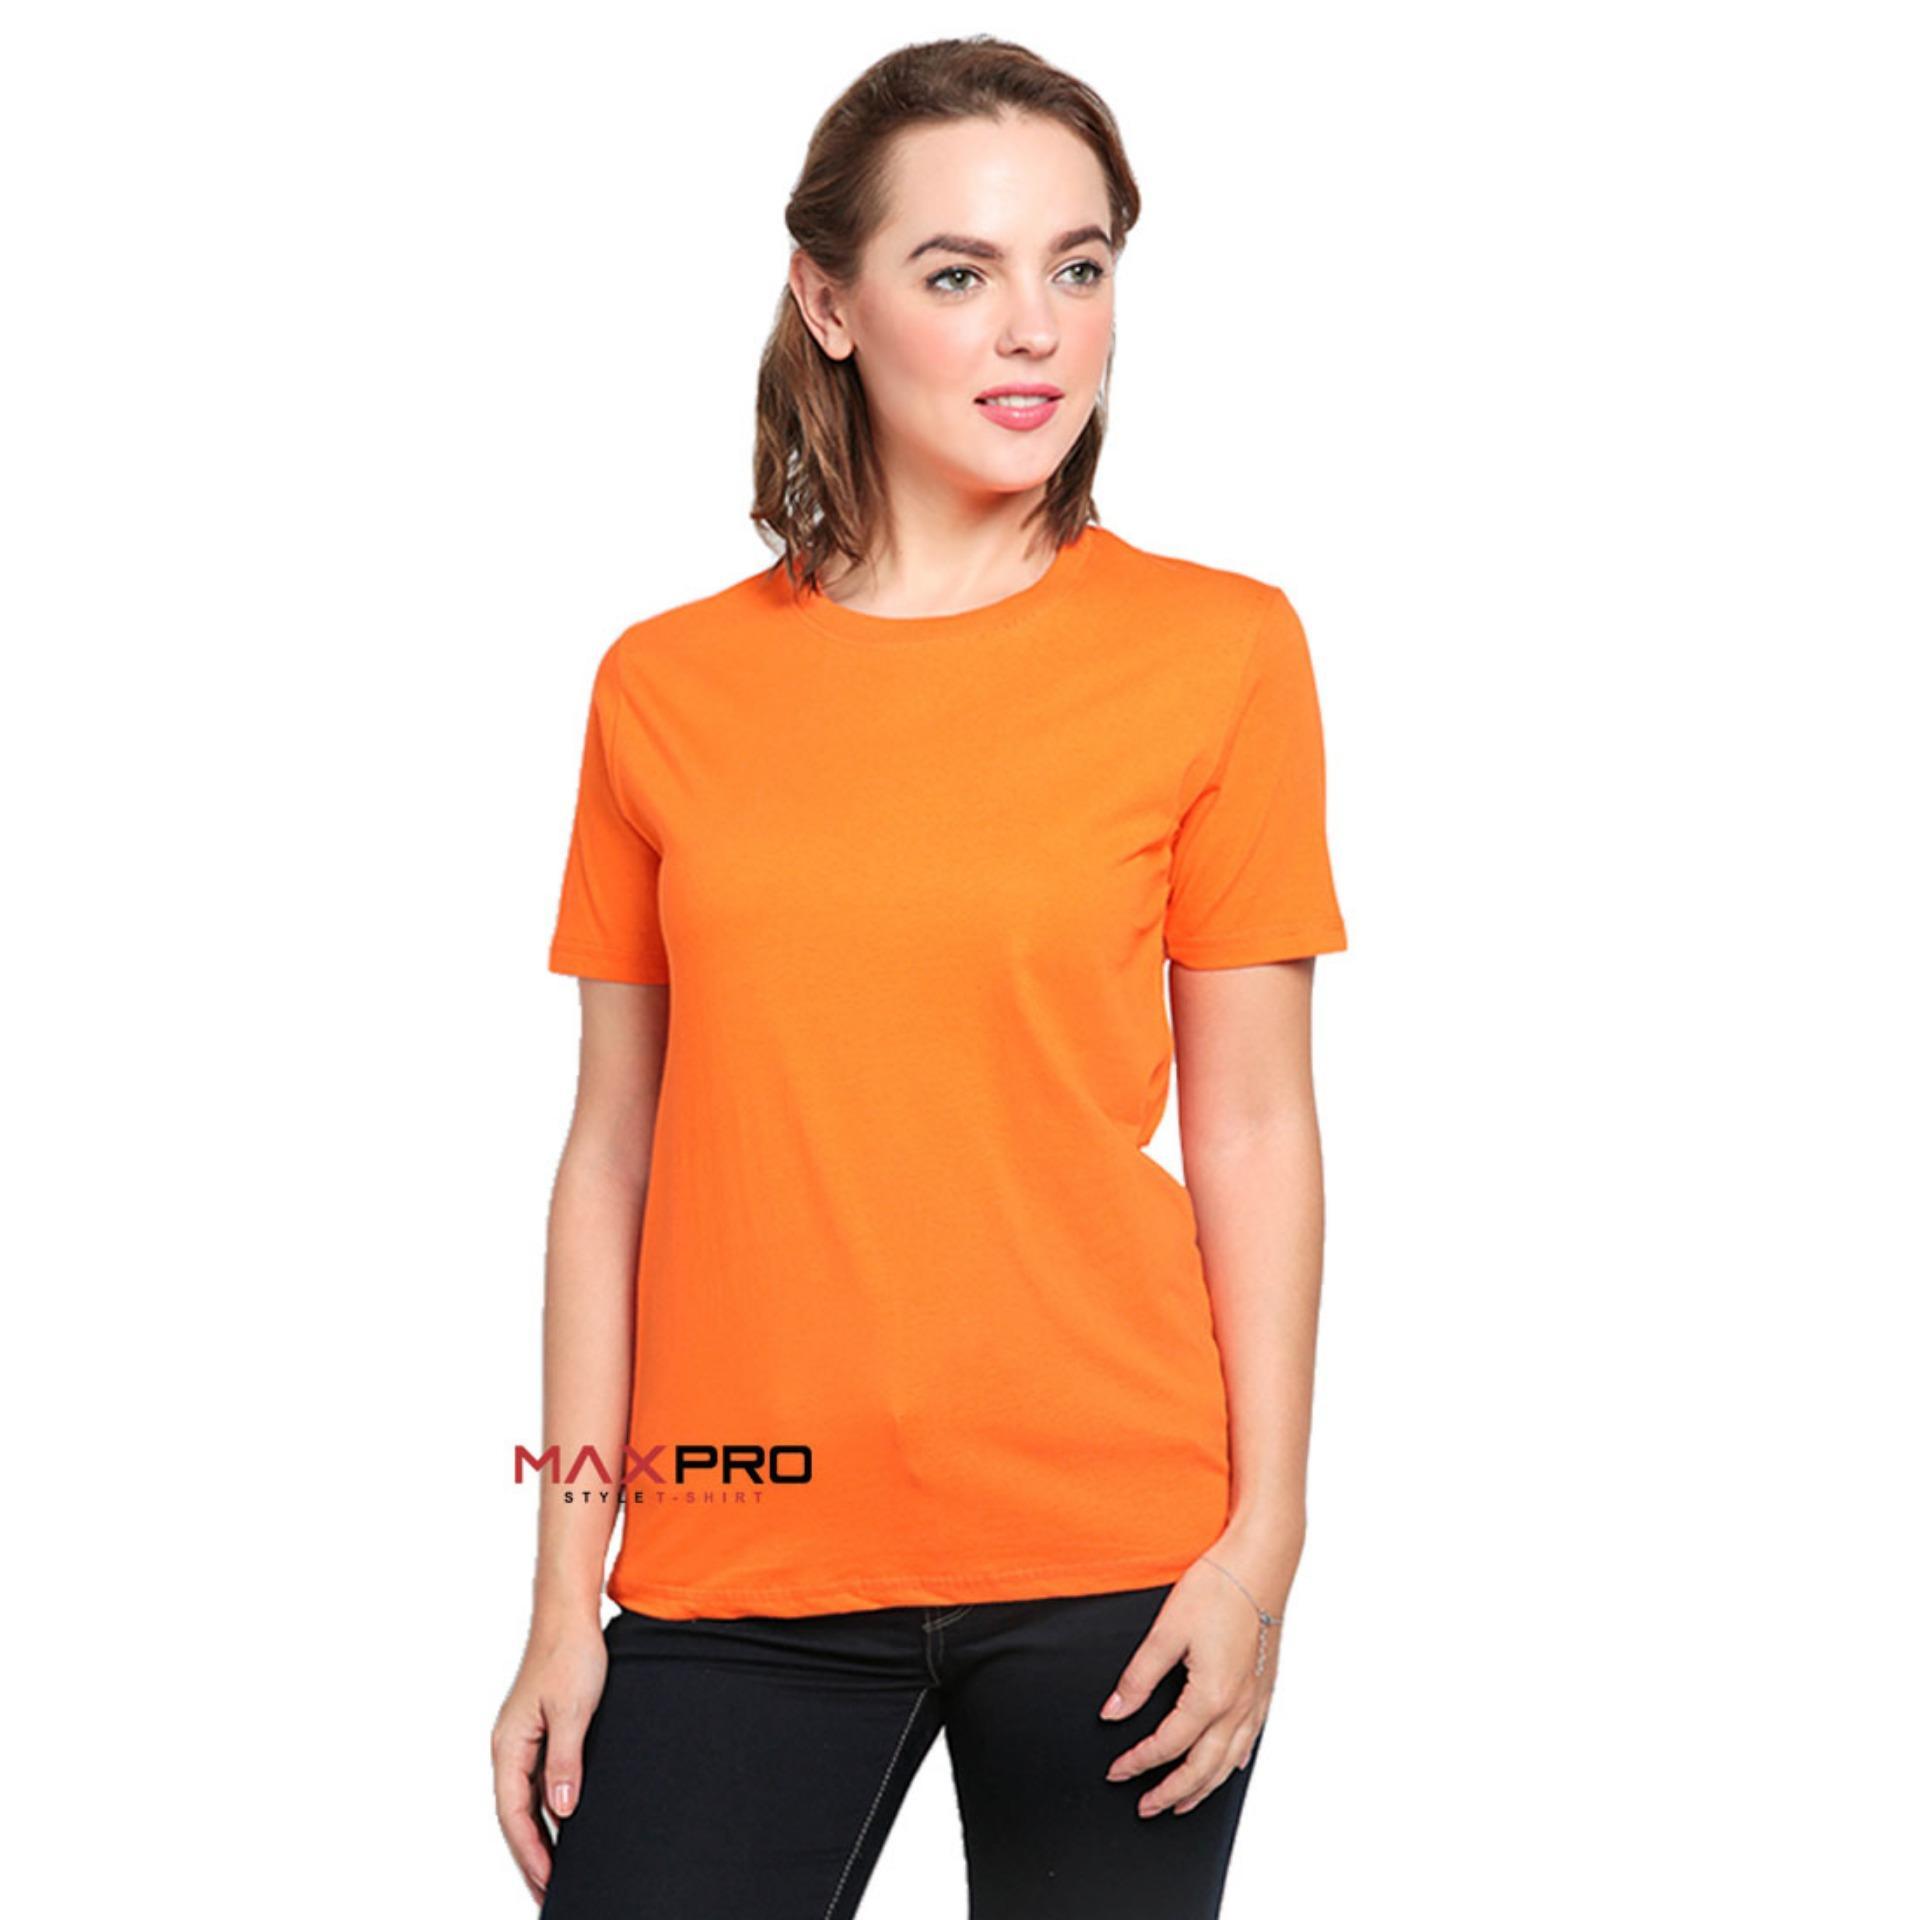 MaXPro Kaos Polos Wanita Orange - T-Shirt Distro Cewek Tumblr Tee / Kaos Oblong / Kaos Distro / Kaos Couple / Baju Kaos Atasan Wanita Oren